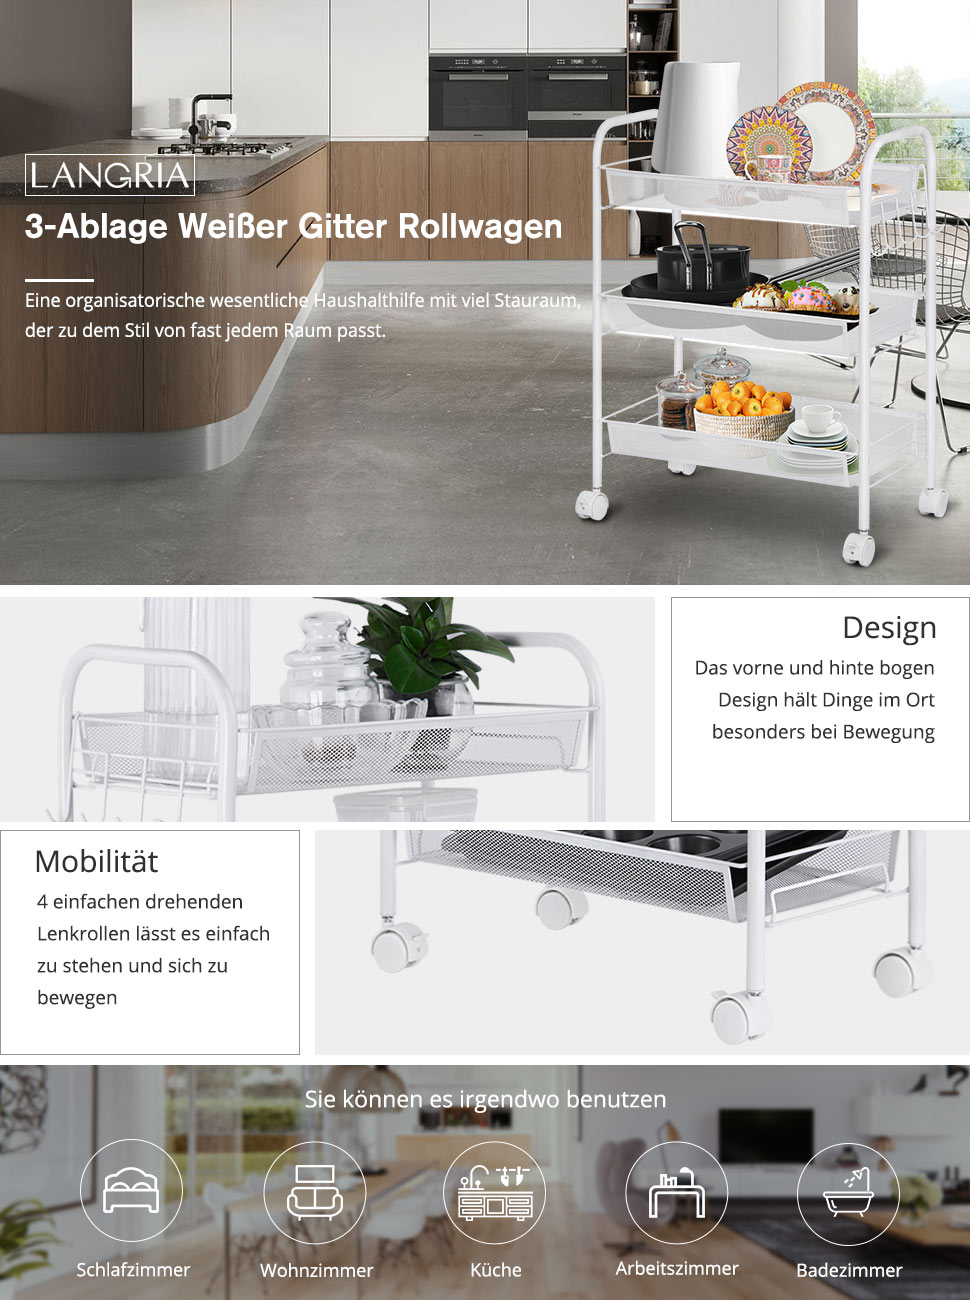 Tolle Weiße Küche Wagen Amazon Ideen - Küchen Design Ideen ...